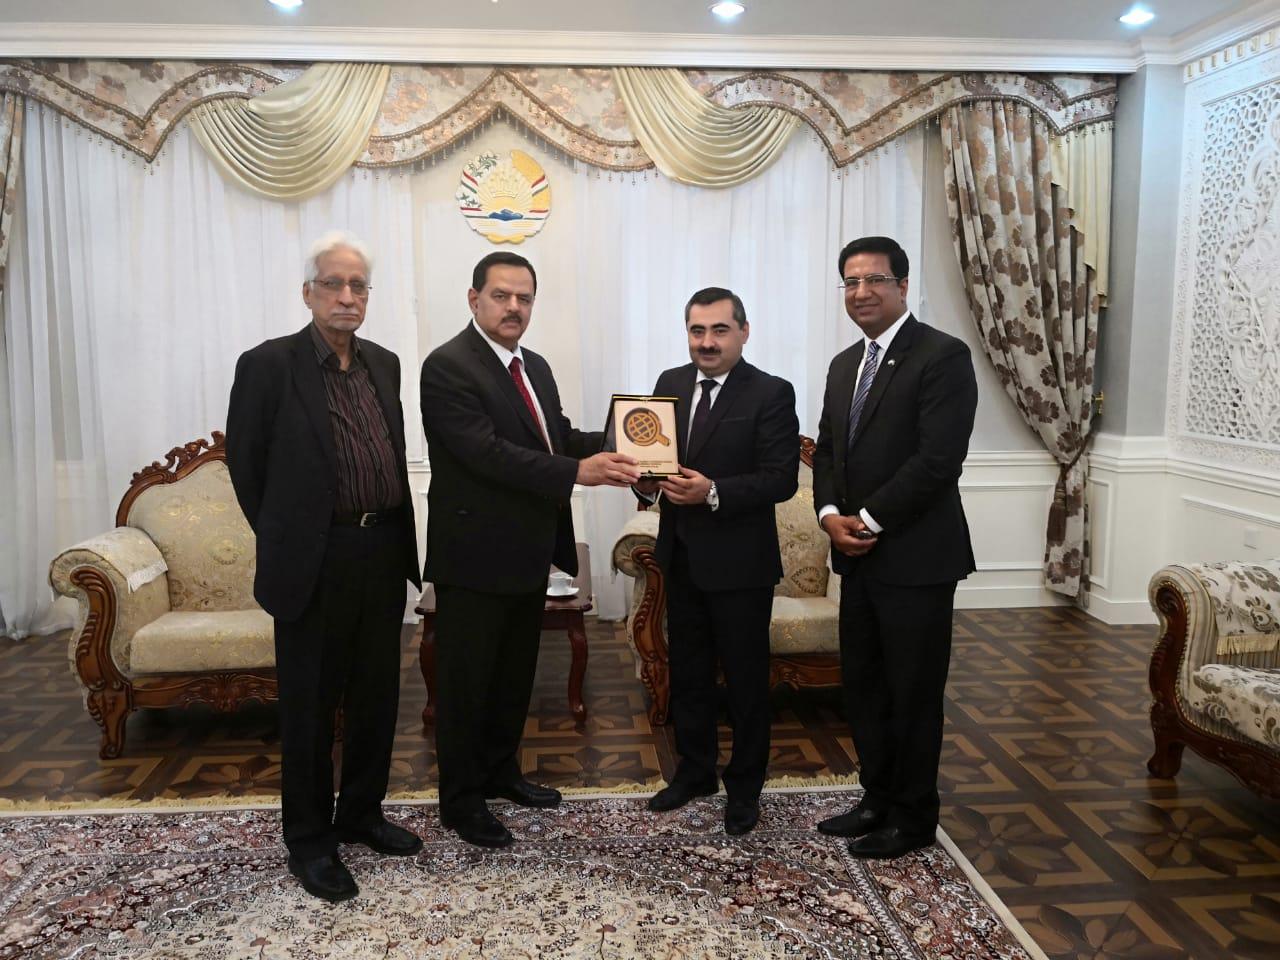 دوشنبے:۔تاجک نائب وزیر خارجہ مظفر ایم حسین زادہ کوخالد امیر جعفری یادگاری شیلڈ پیش کر رہے ہیں